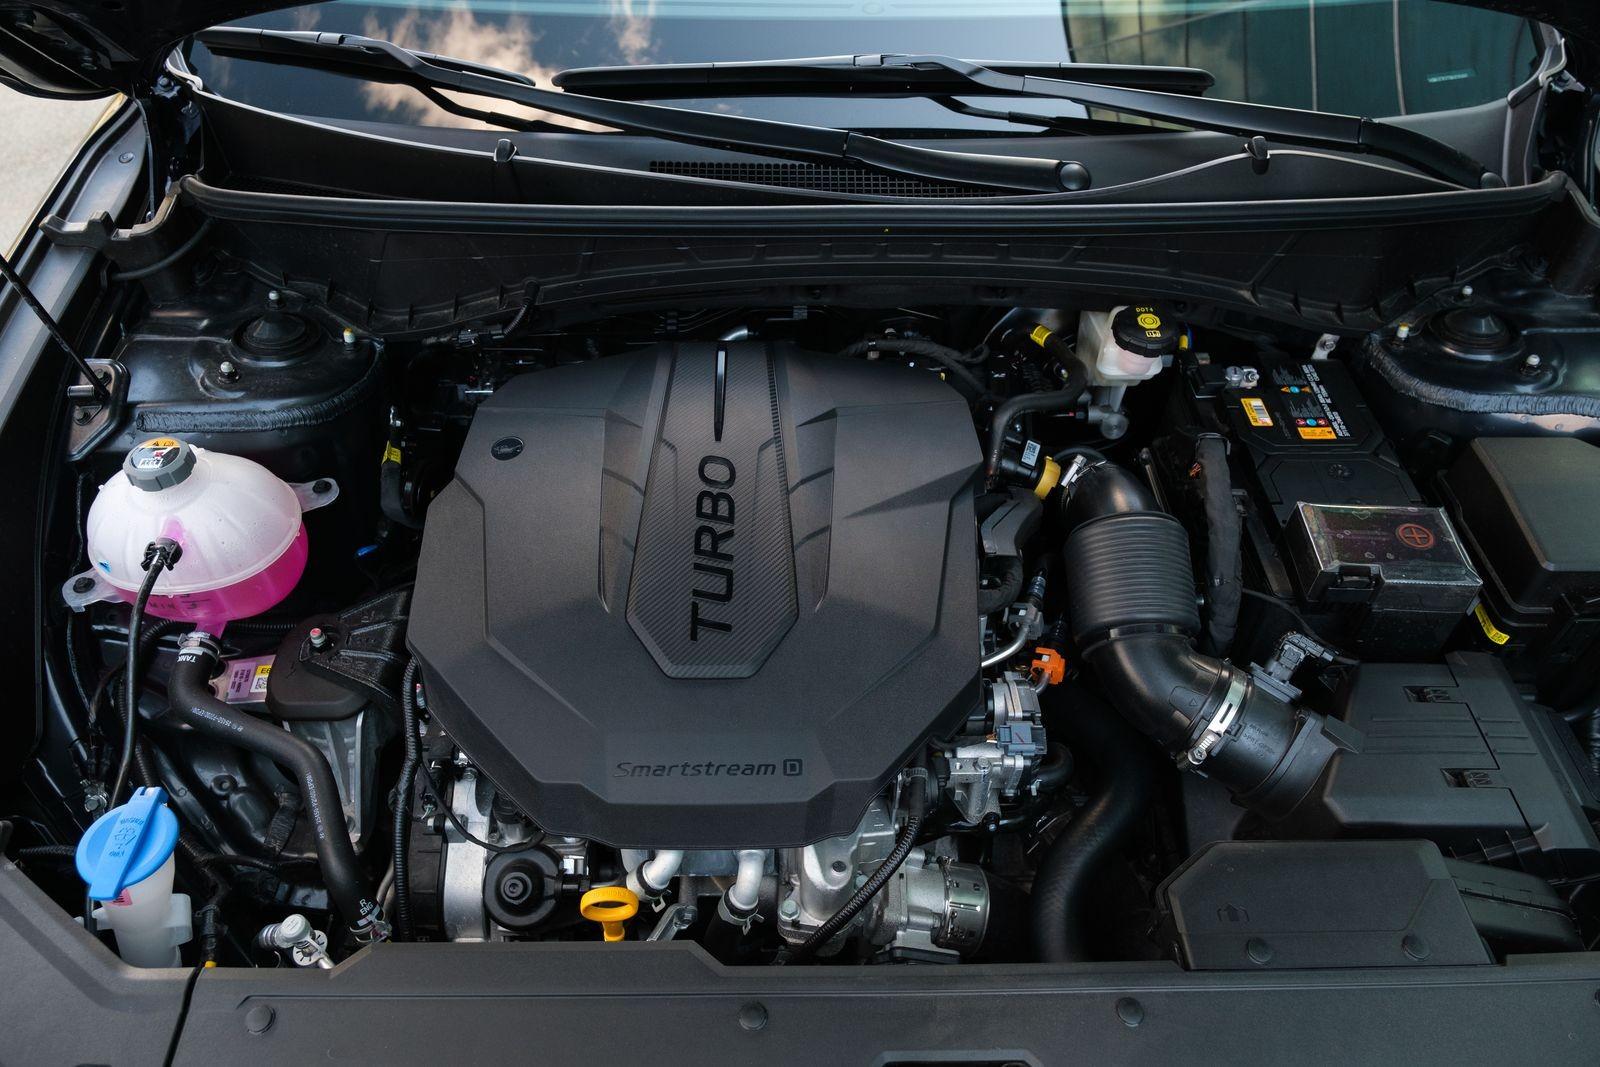 Контроль со смартфона, вентиляция сидений и идеальная подвеска: тест нового Hyundai Tucson